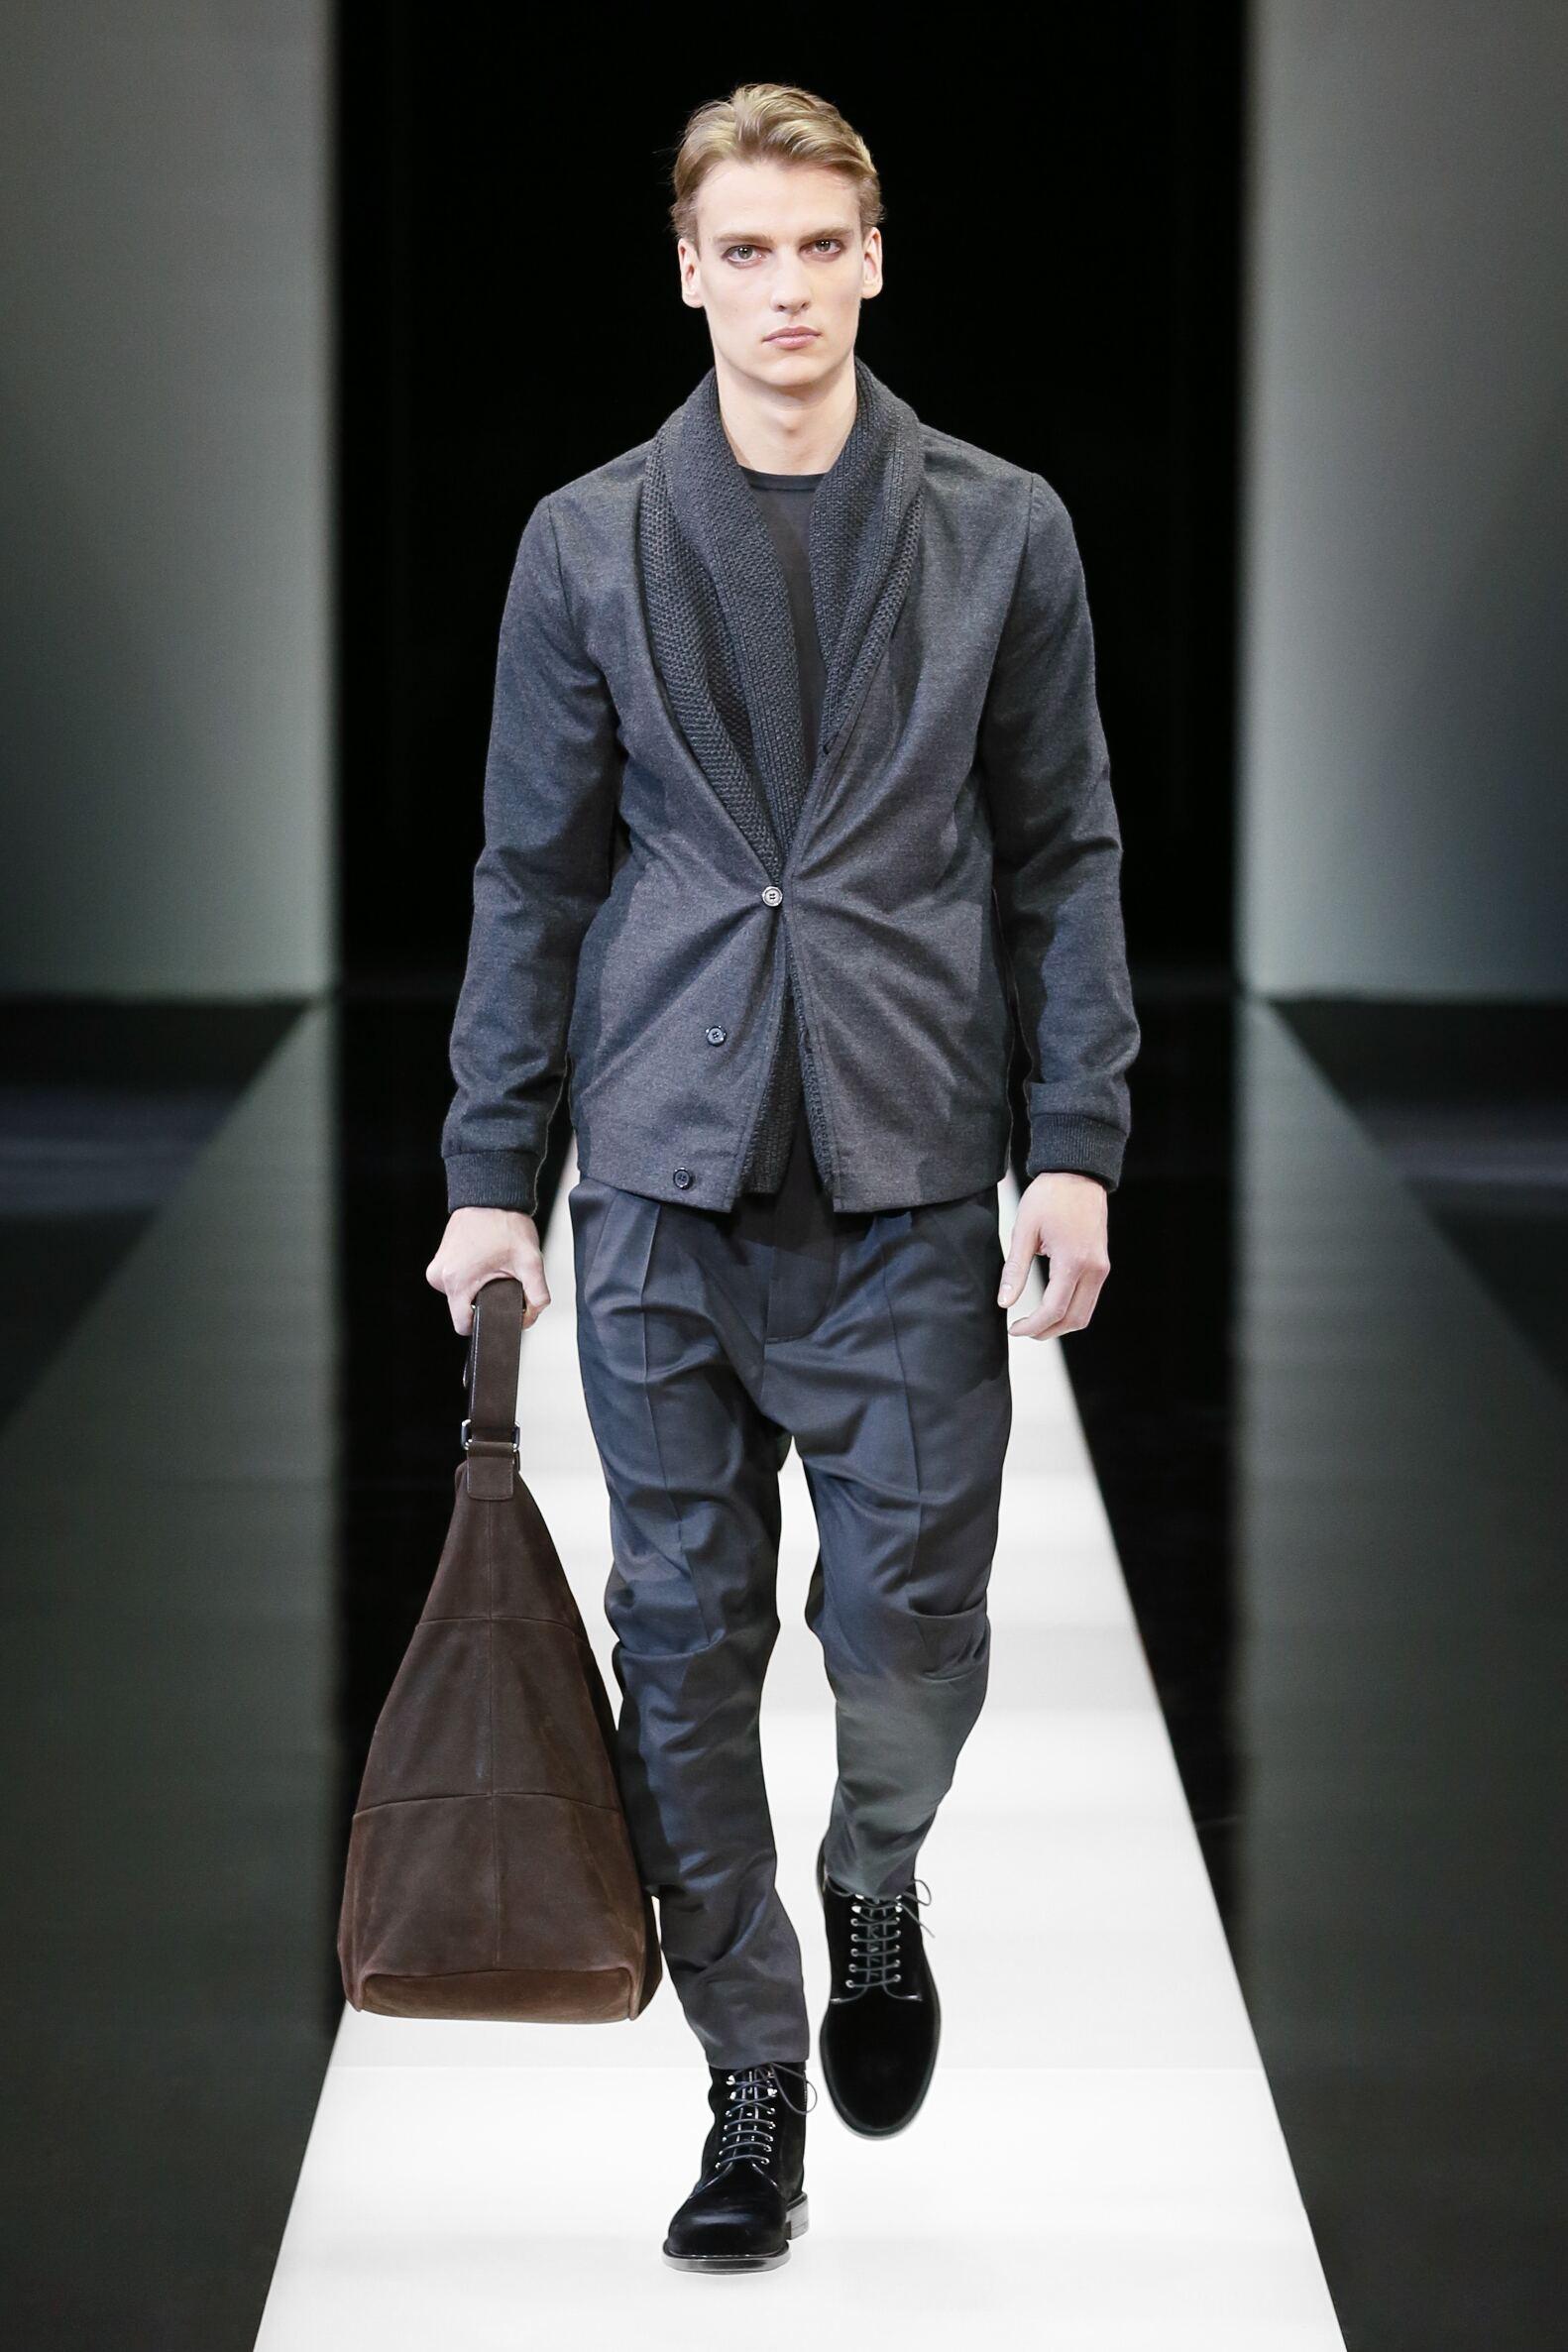 Giorgio Armani Collection Catwalk